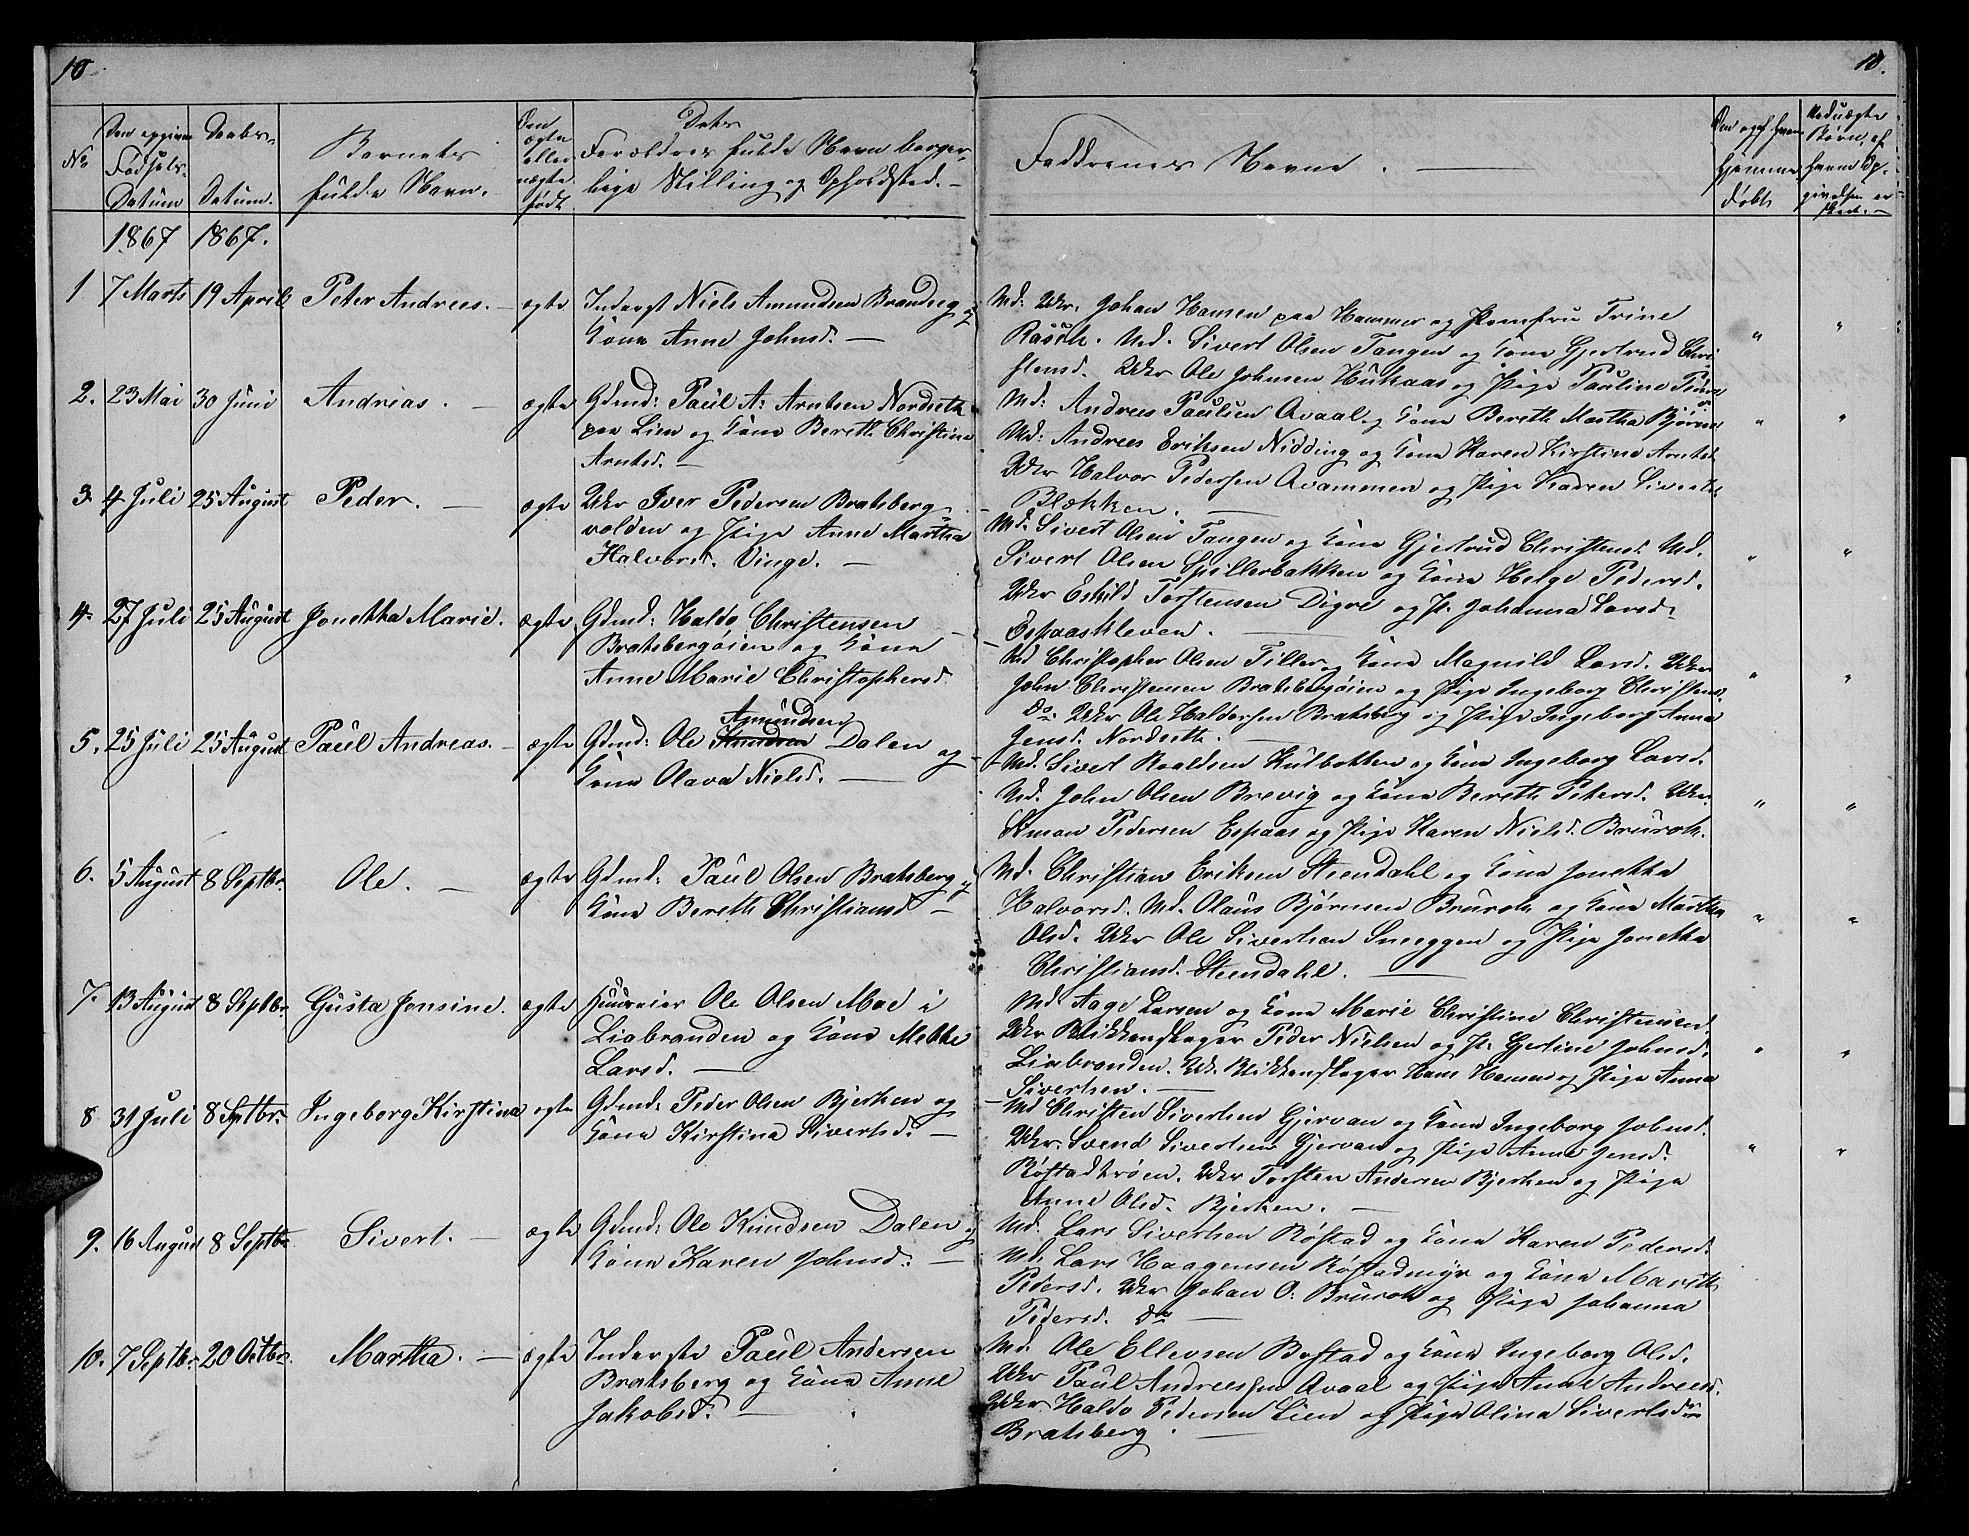 SAT, Ministerialprotokoller, klokkerbøker og fødselsregistre - Sør-Trøndelag, 608/L0340: Klokkerbok nr. 608C06, 1864-1889, s. 10-11